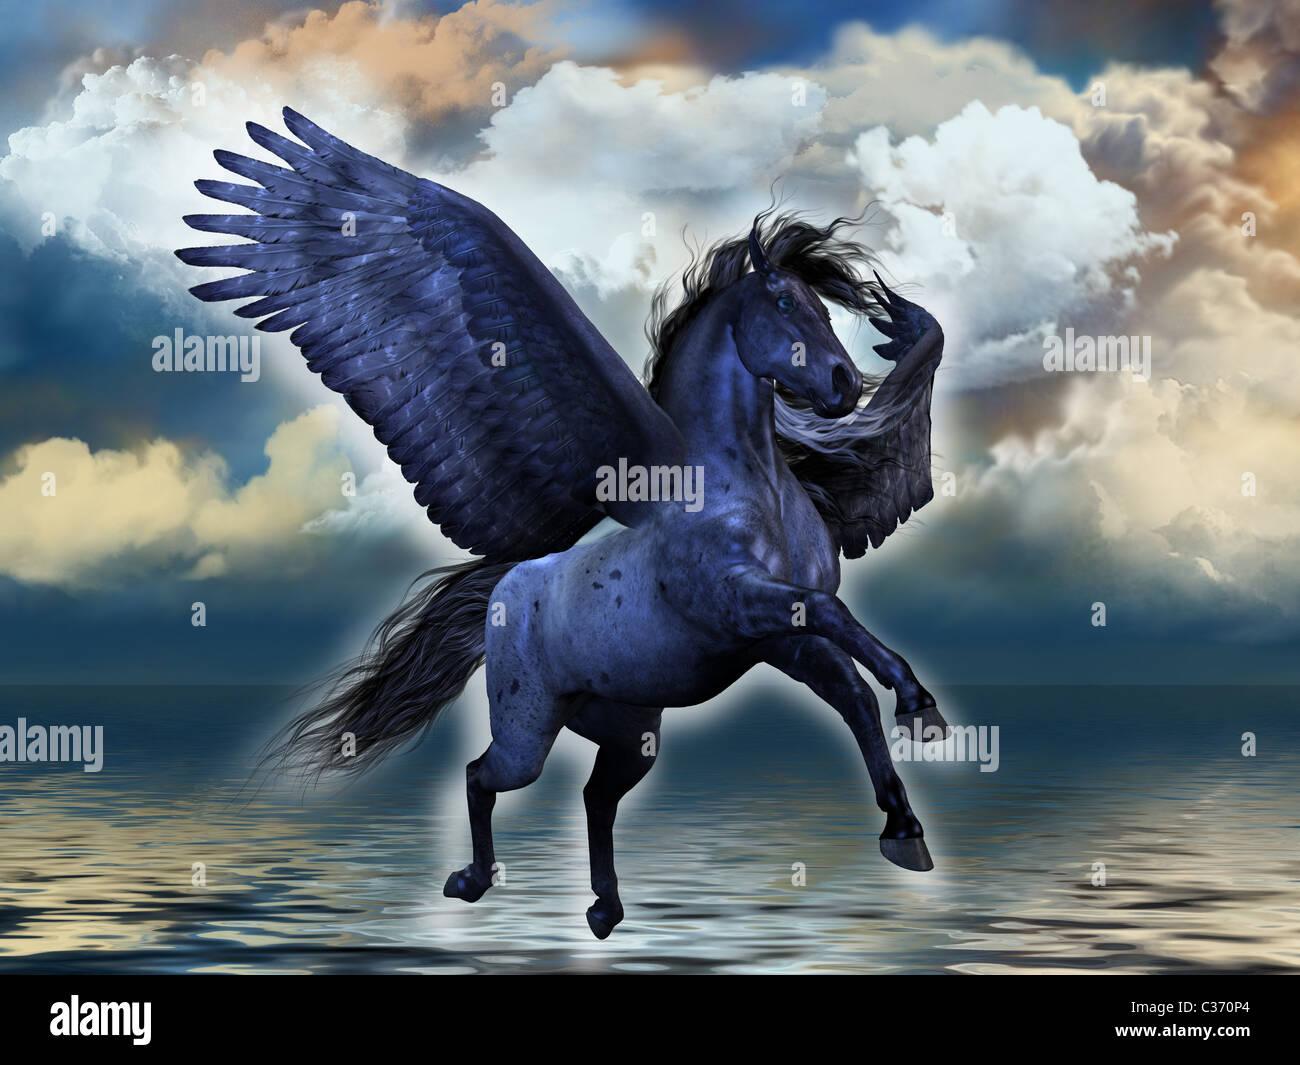 Un semental negro roan Pegasus brilla con poderes mágicos. Imagen De Stock